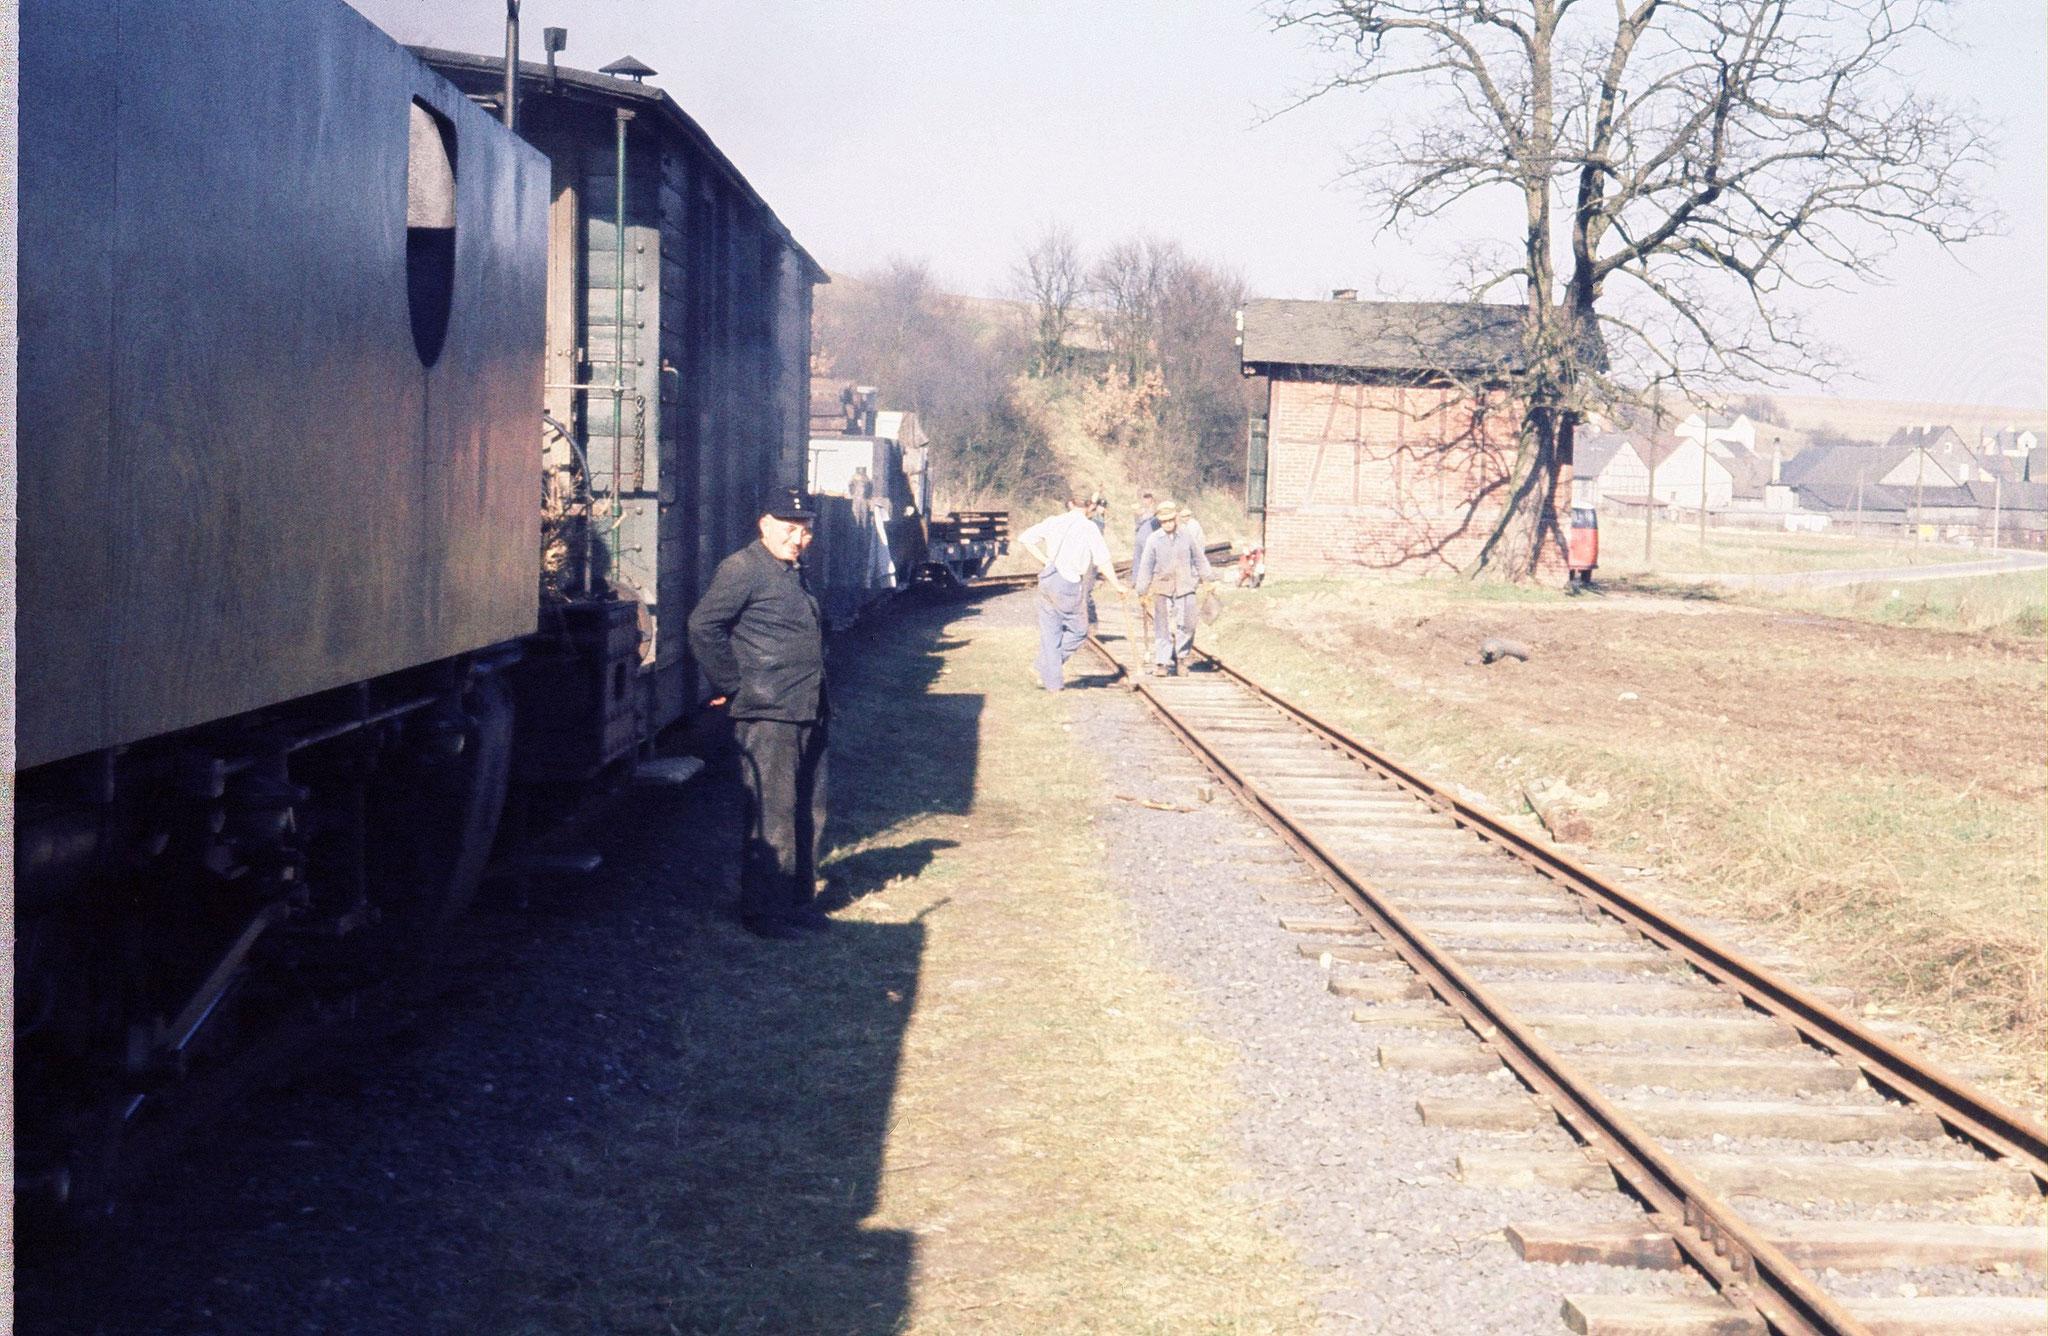 Personenzug Halt in Eschenau nicht zu sagen ob Wagen 17 oder 19 in Zug ist